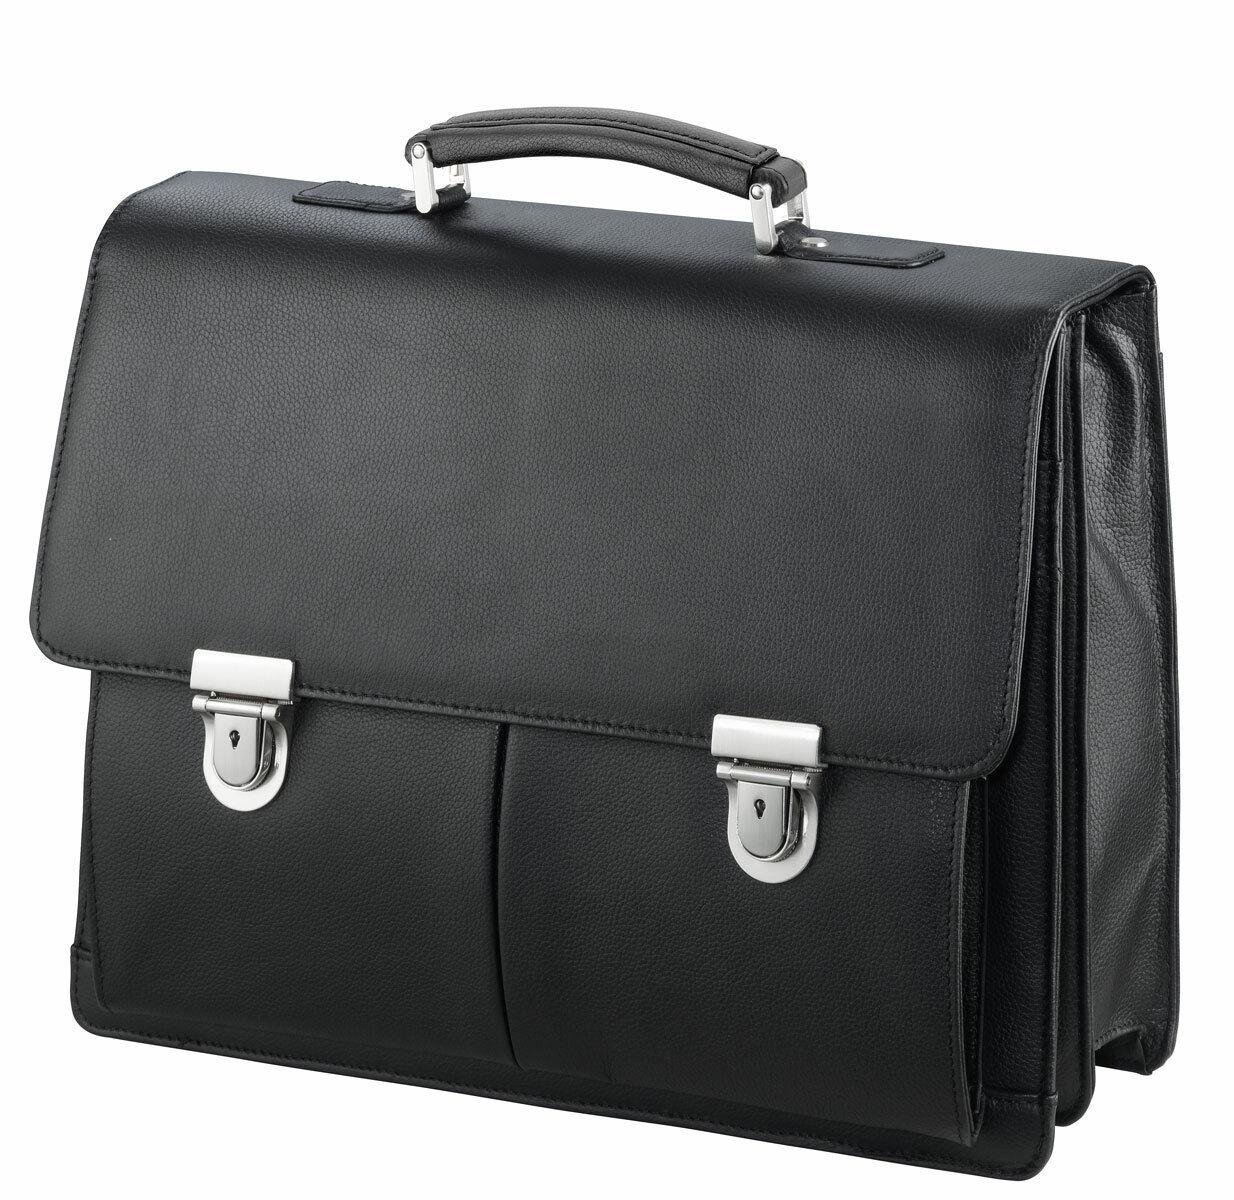 Aktentasche-Arbeitstasche-Umhängetasche Leder-Tasche-Schwarz 40 x32x14cm–Bowatex | Moderner Modus  | Online-verkauf  | Starke Hitze- und Abnutzungsbeständigkeit